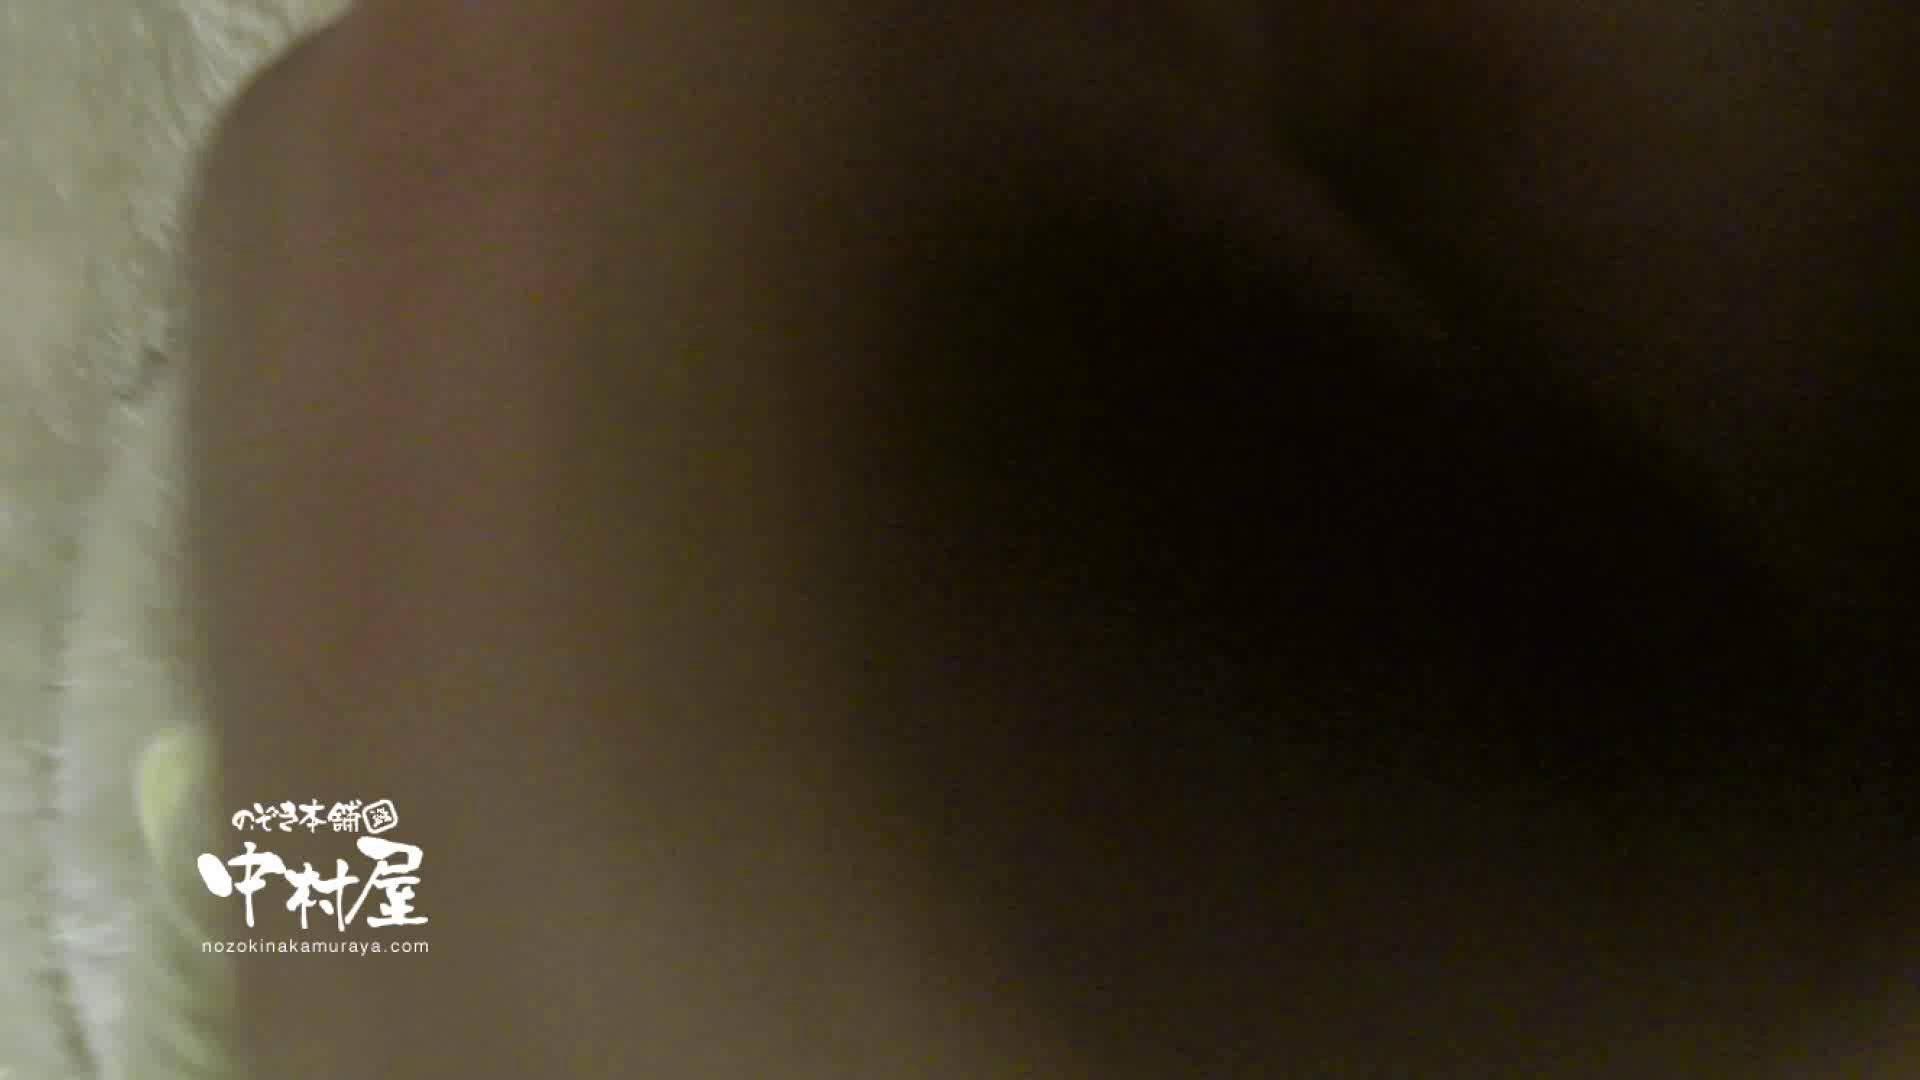 鬼畜 vol.17 中に出さないでください(アニメ声で懇願) 前編 鬼畜 | エロティックなOL  77画像 49